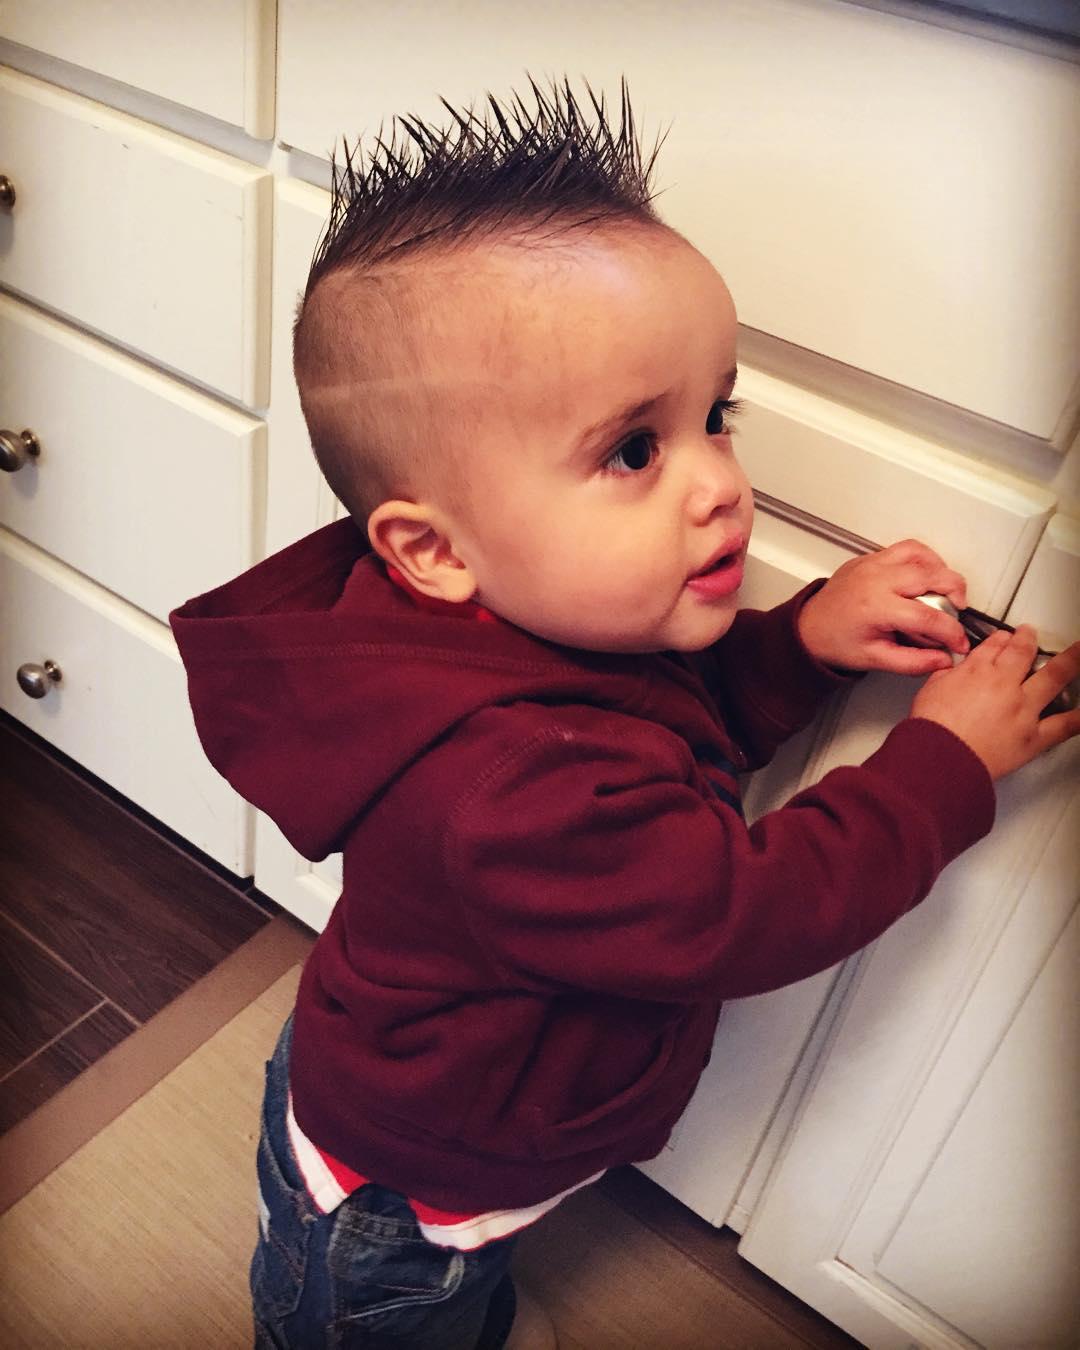 Bật mí những bí kíp giúp tóc trẻ mọc nhanh thần tốc, mẹ tự tin tạo kiểu cho con - Ảnh 2